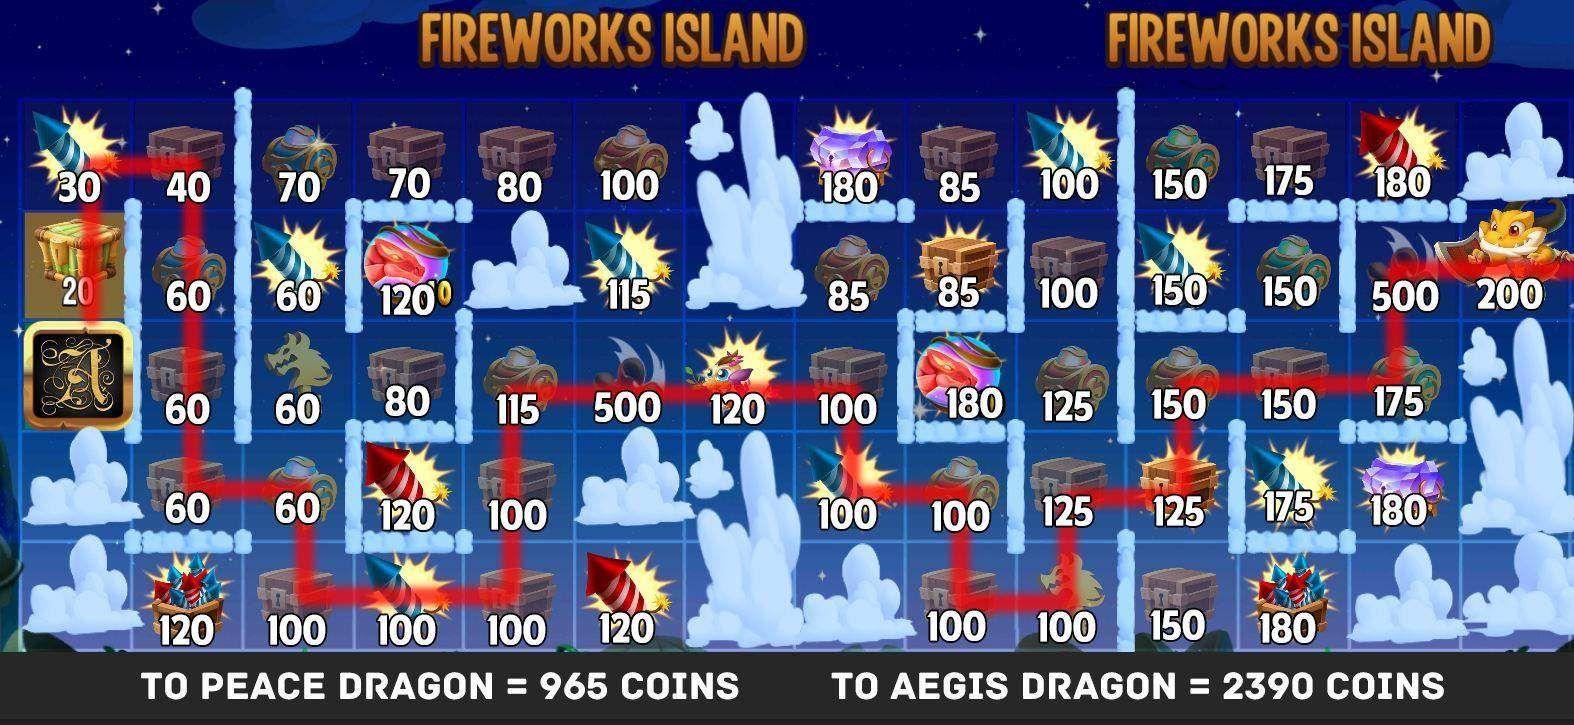 0_1593622714015_Firework1.jpg